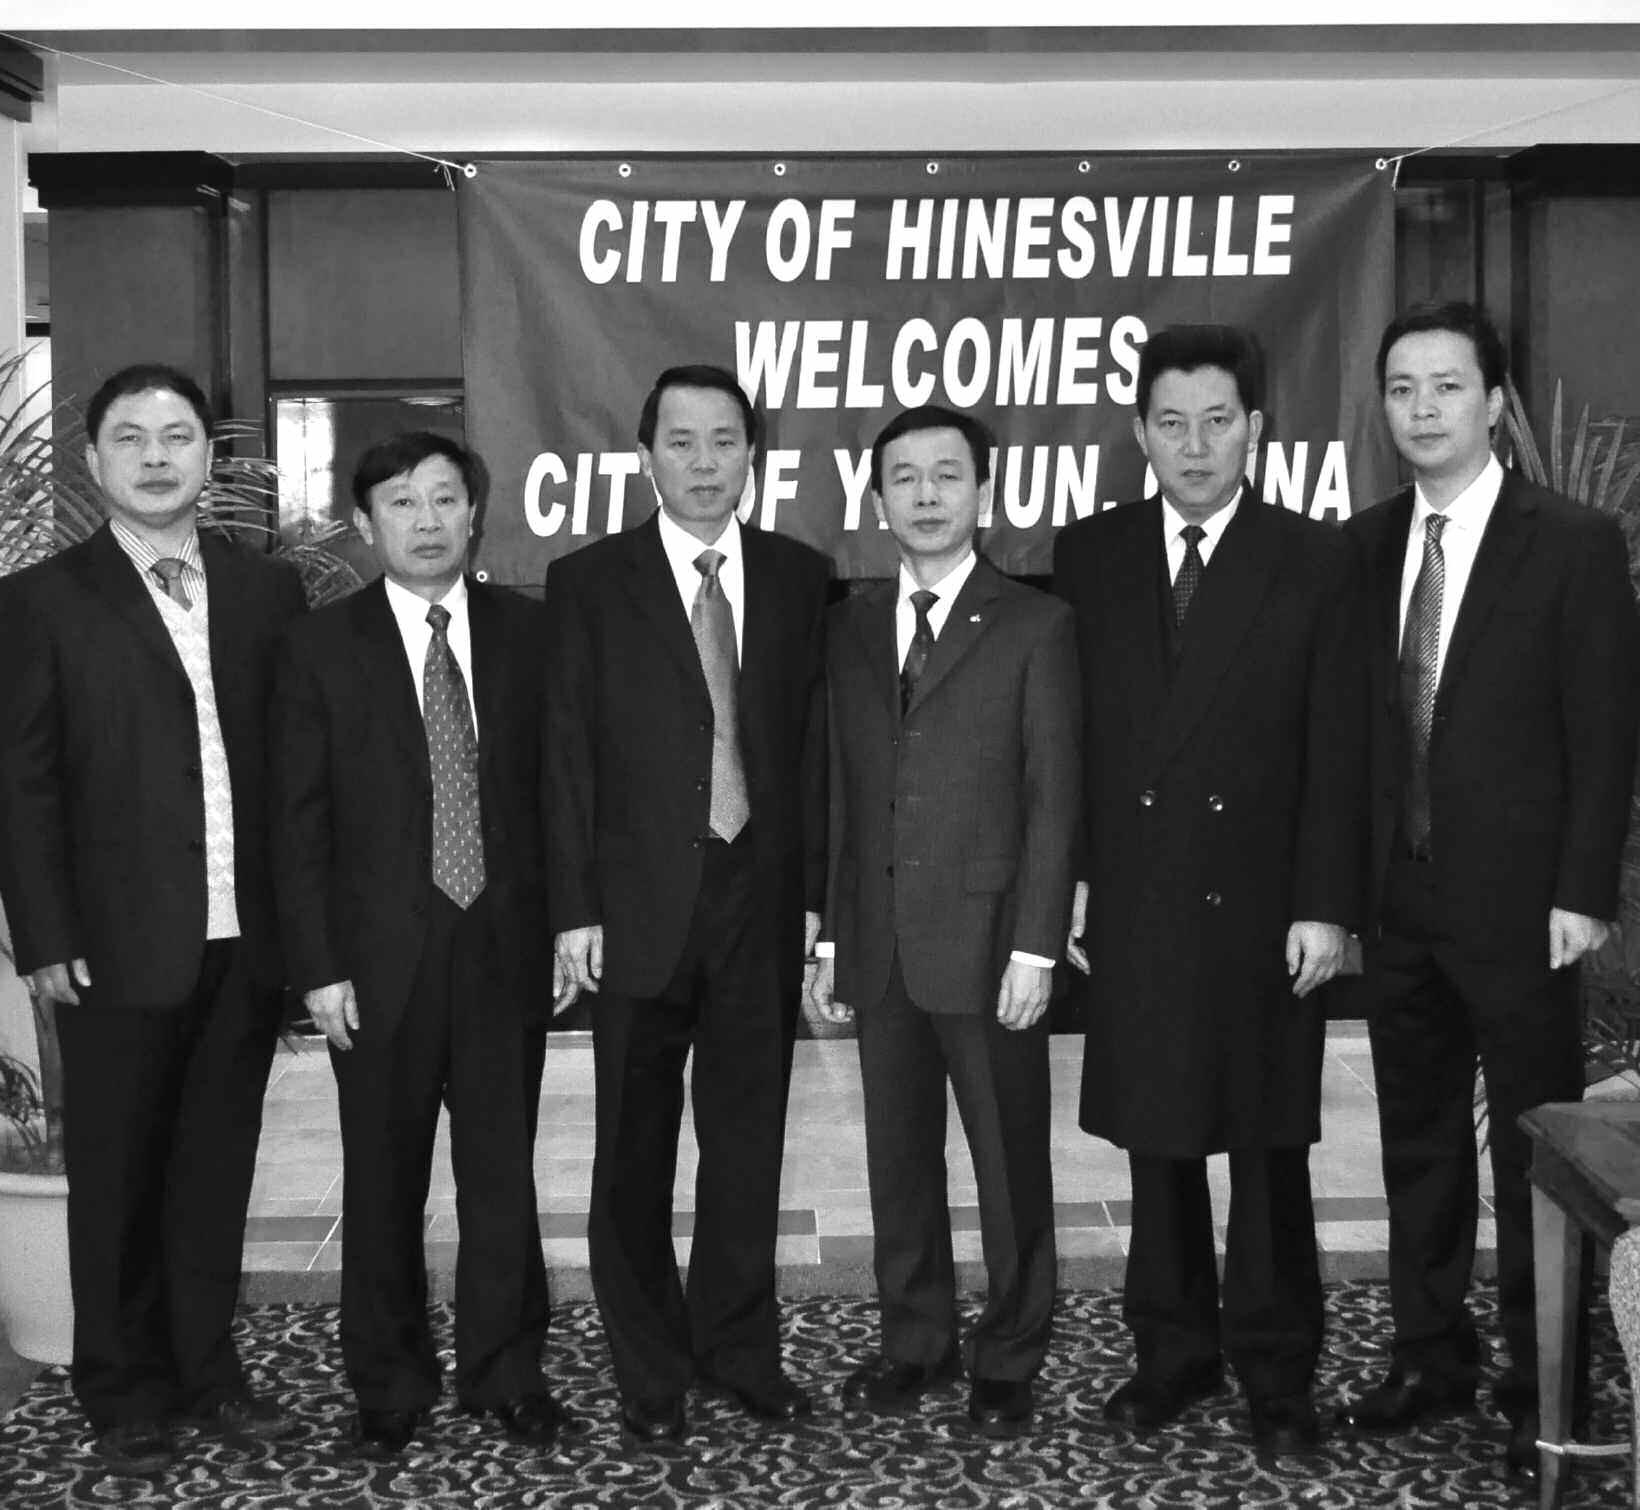 Delegates from left to right are Hu Quan Shun, Deputy Secretary of Economic Development; Zhang Baifu, Director of Foreign Affairs; Vice Mayor Yan Gan Hui, City of Yichun; Yang Guo Rong, Finance Bureau Chief of Yichun; Ye Jianhua, President of the Bank of China branch in Yichun; and Lin Haibing, General Manager of Jiangxi Sheng Fulai Directional Reflector Ltd. Co.